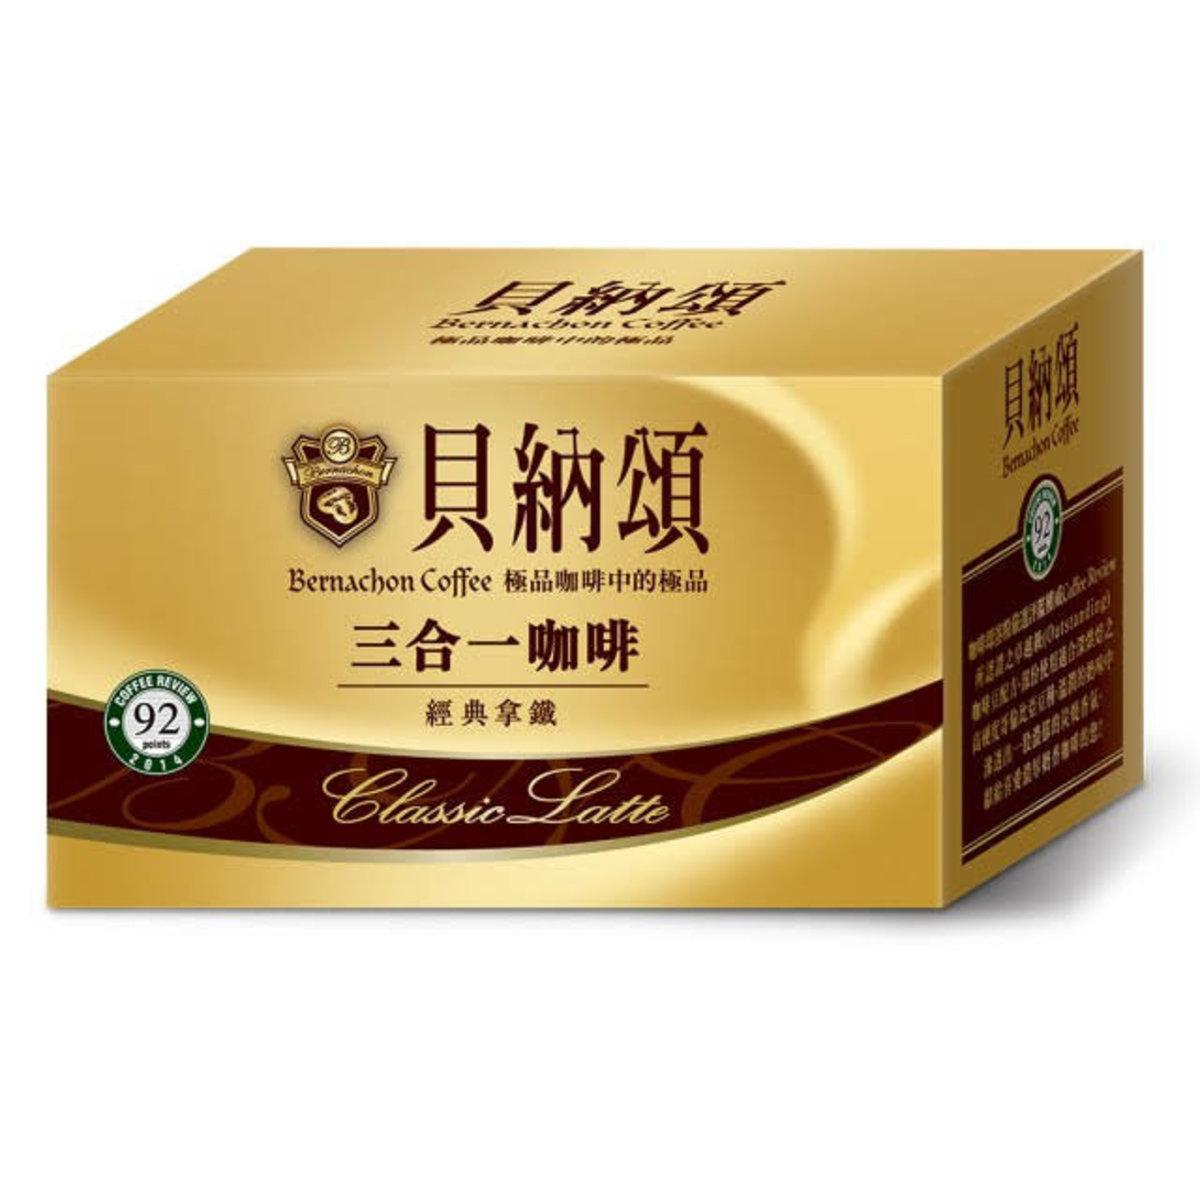 Bernachon Coffee 三合一咖啡-經典拿鐵 10s